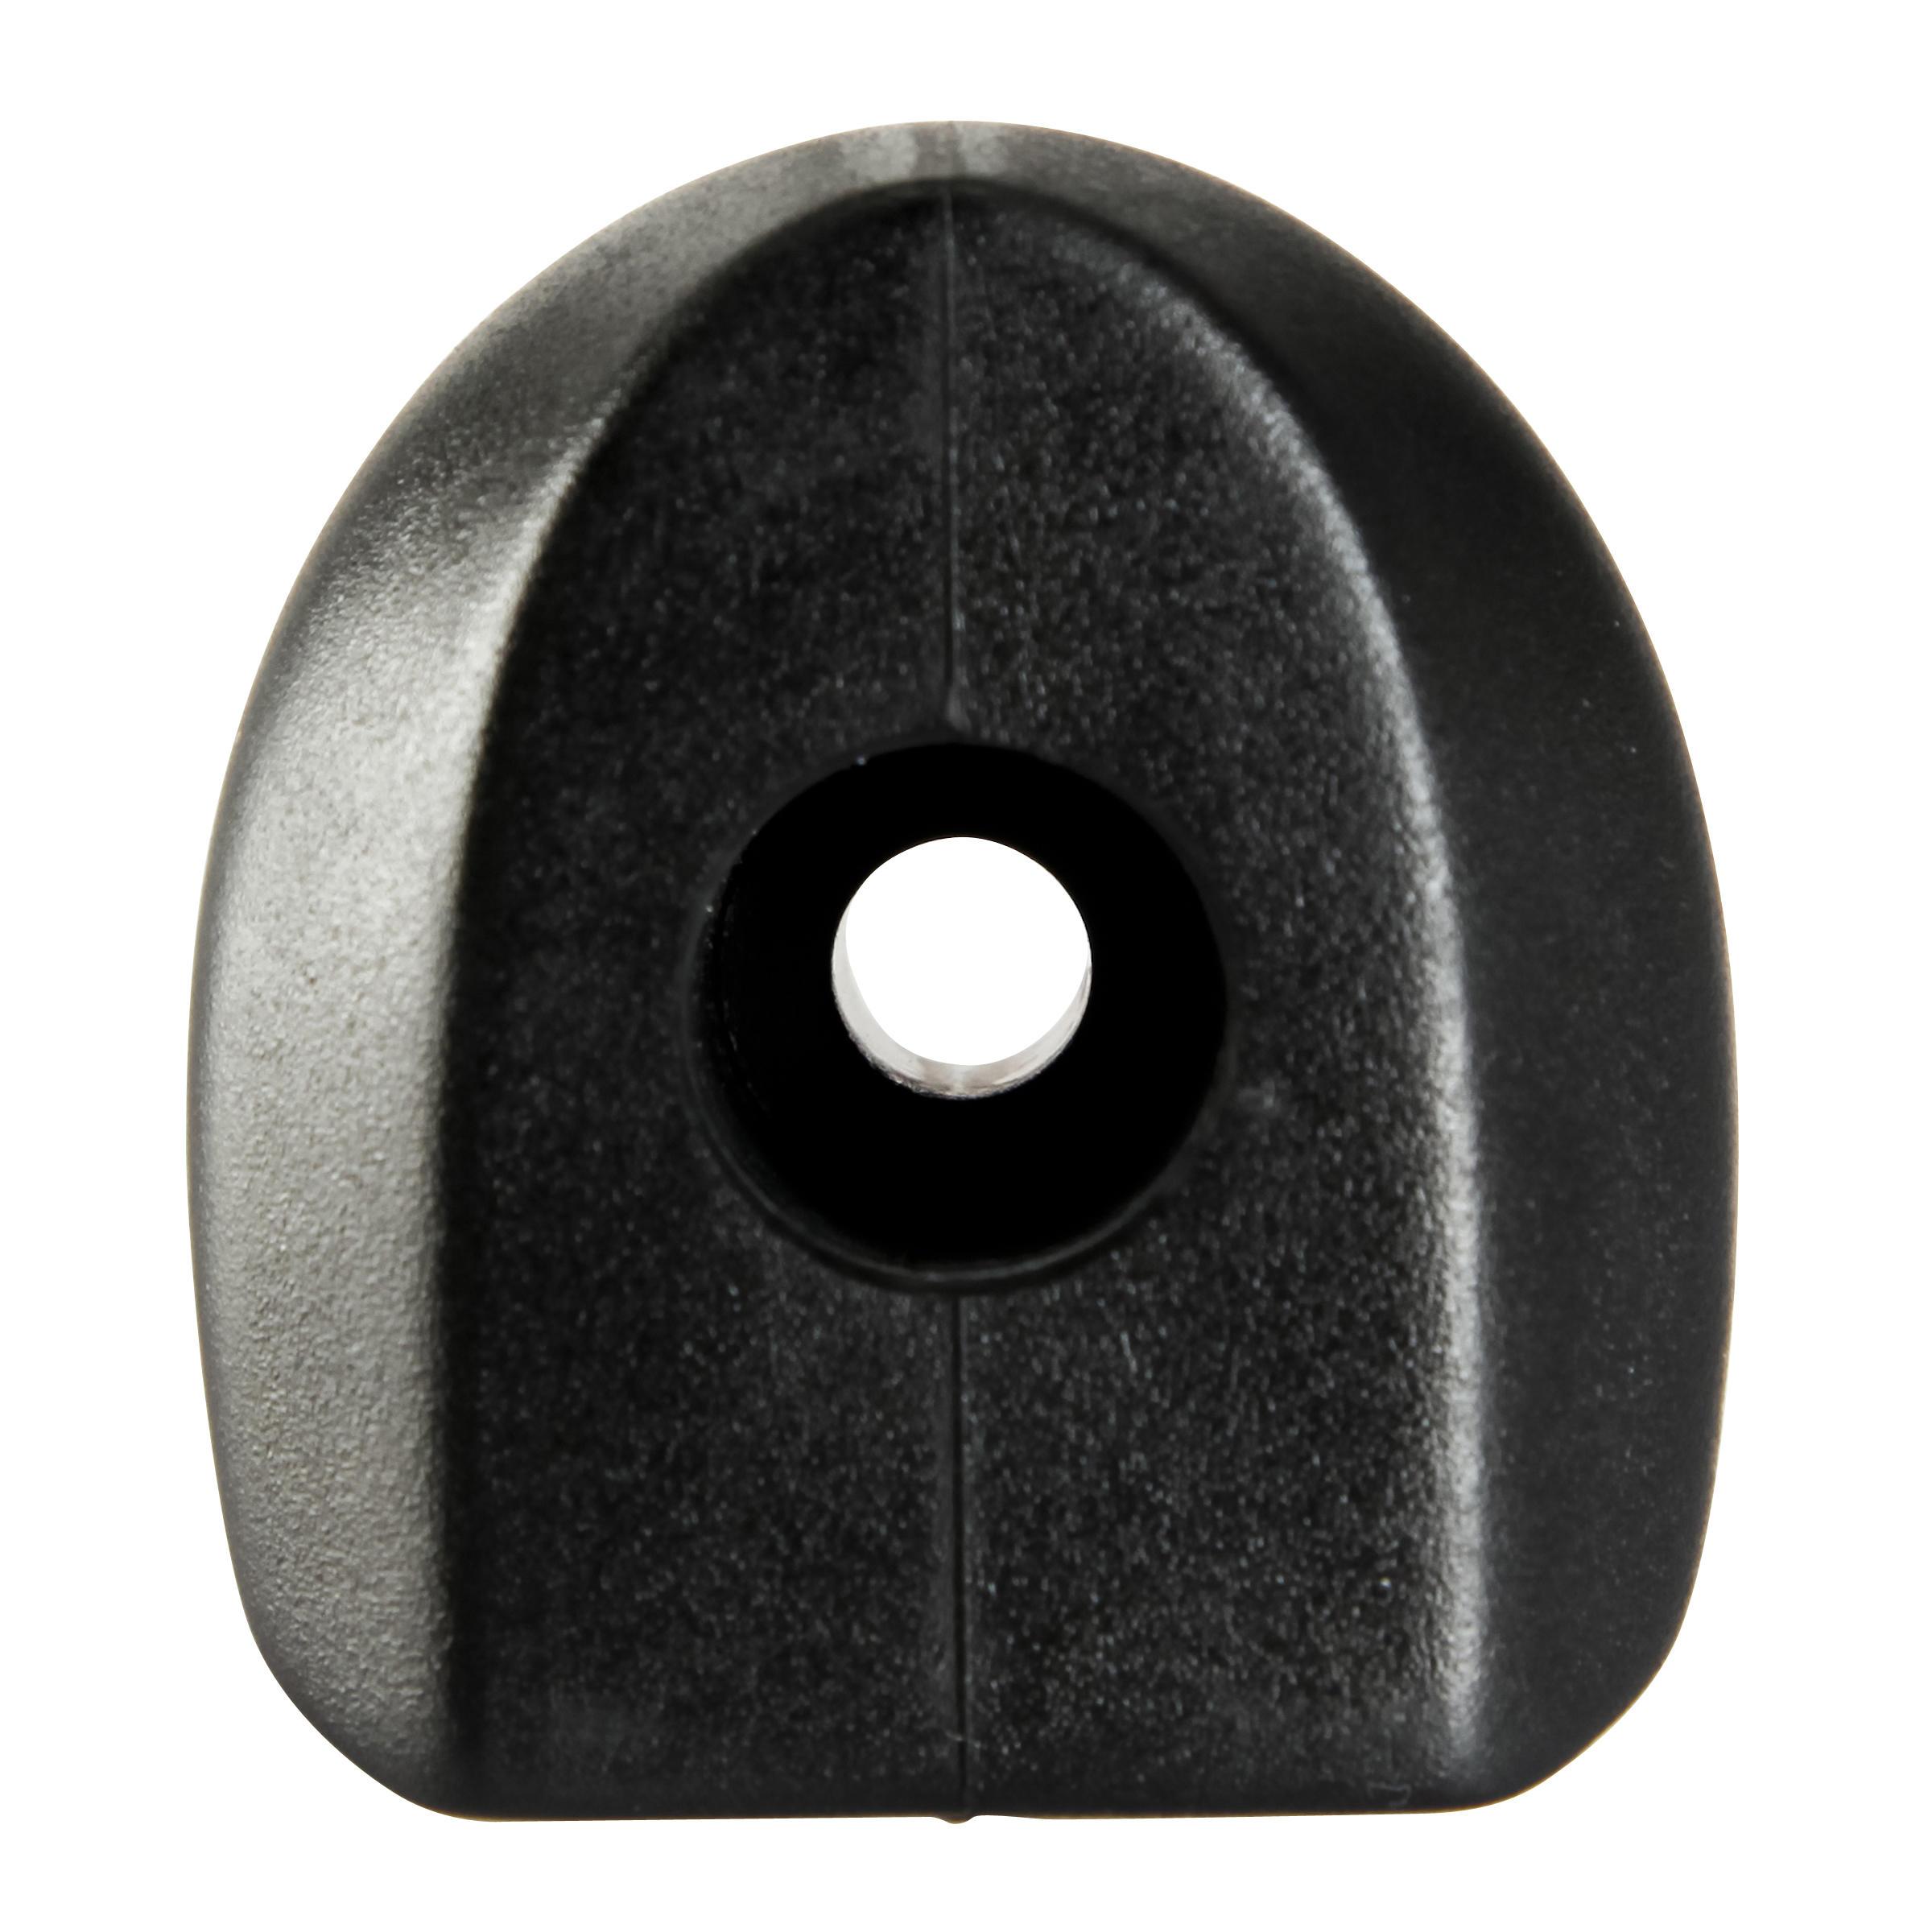 Fit 3 / Fit 5 / Play 7 Inline Skate Brake Pad - Black